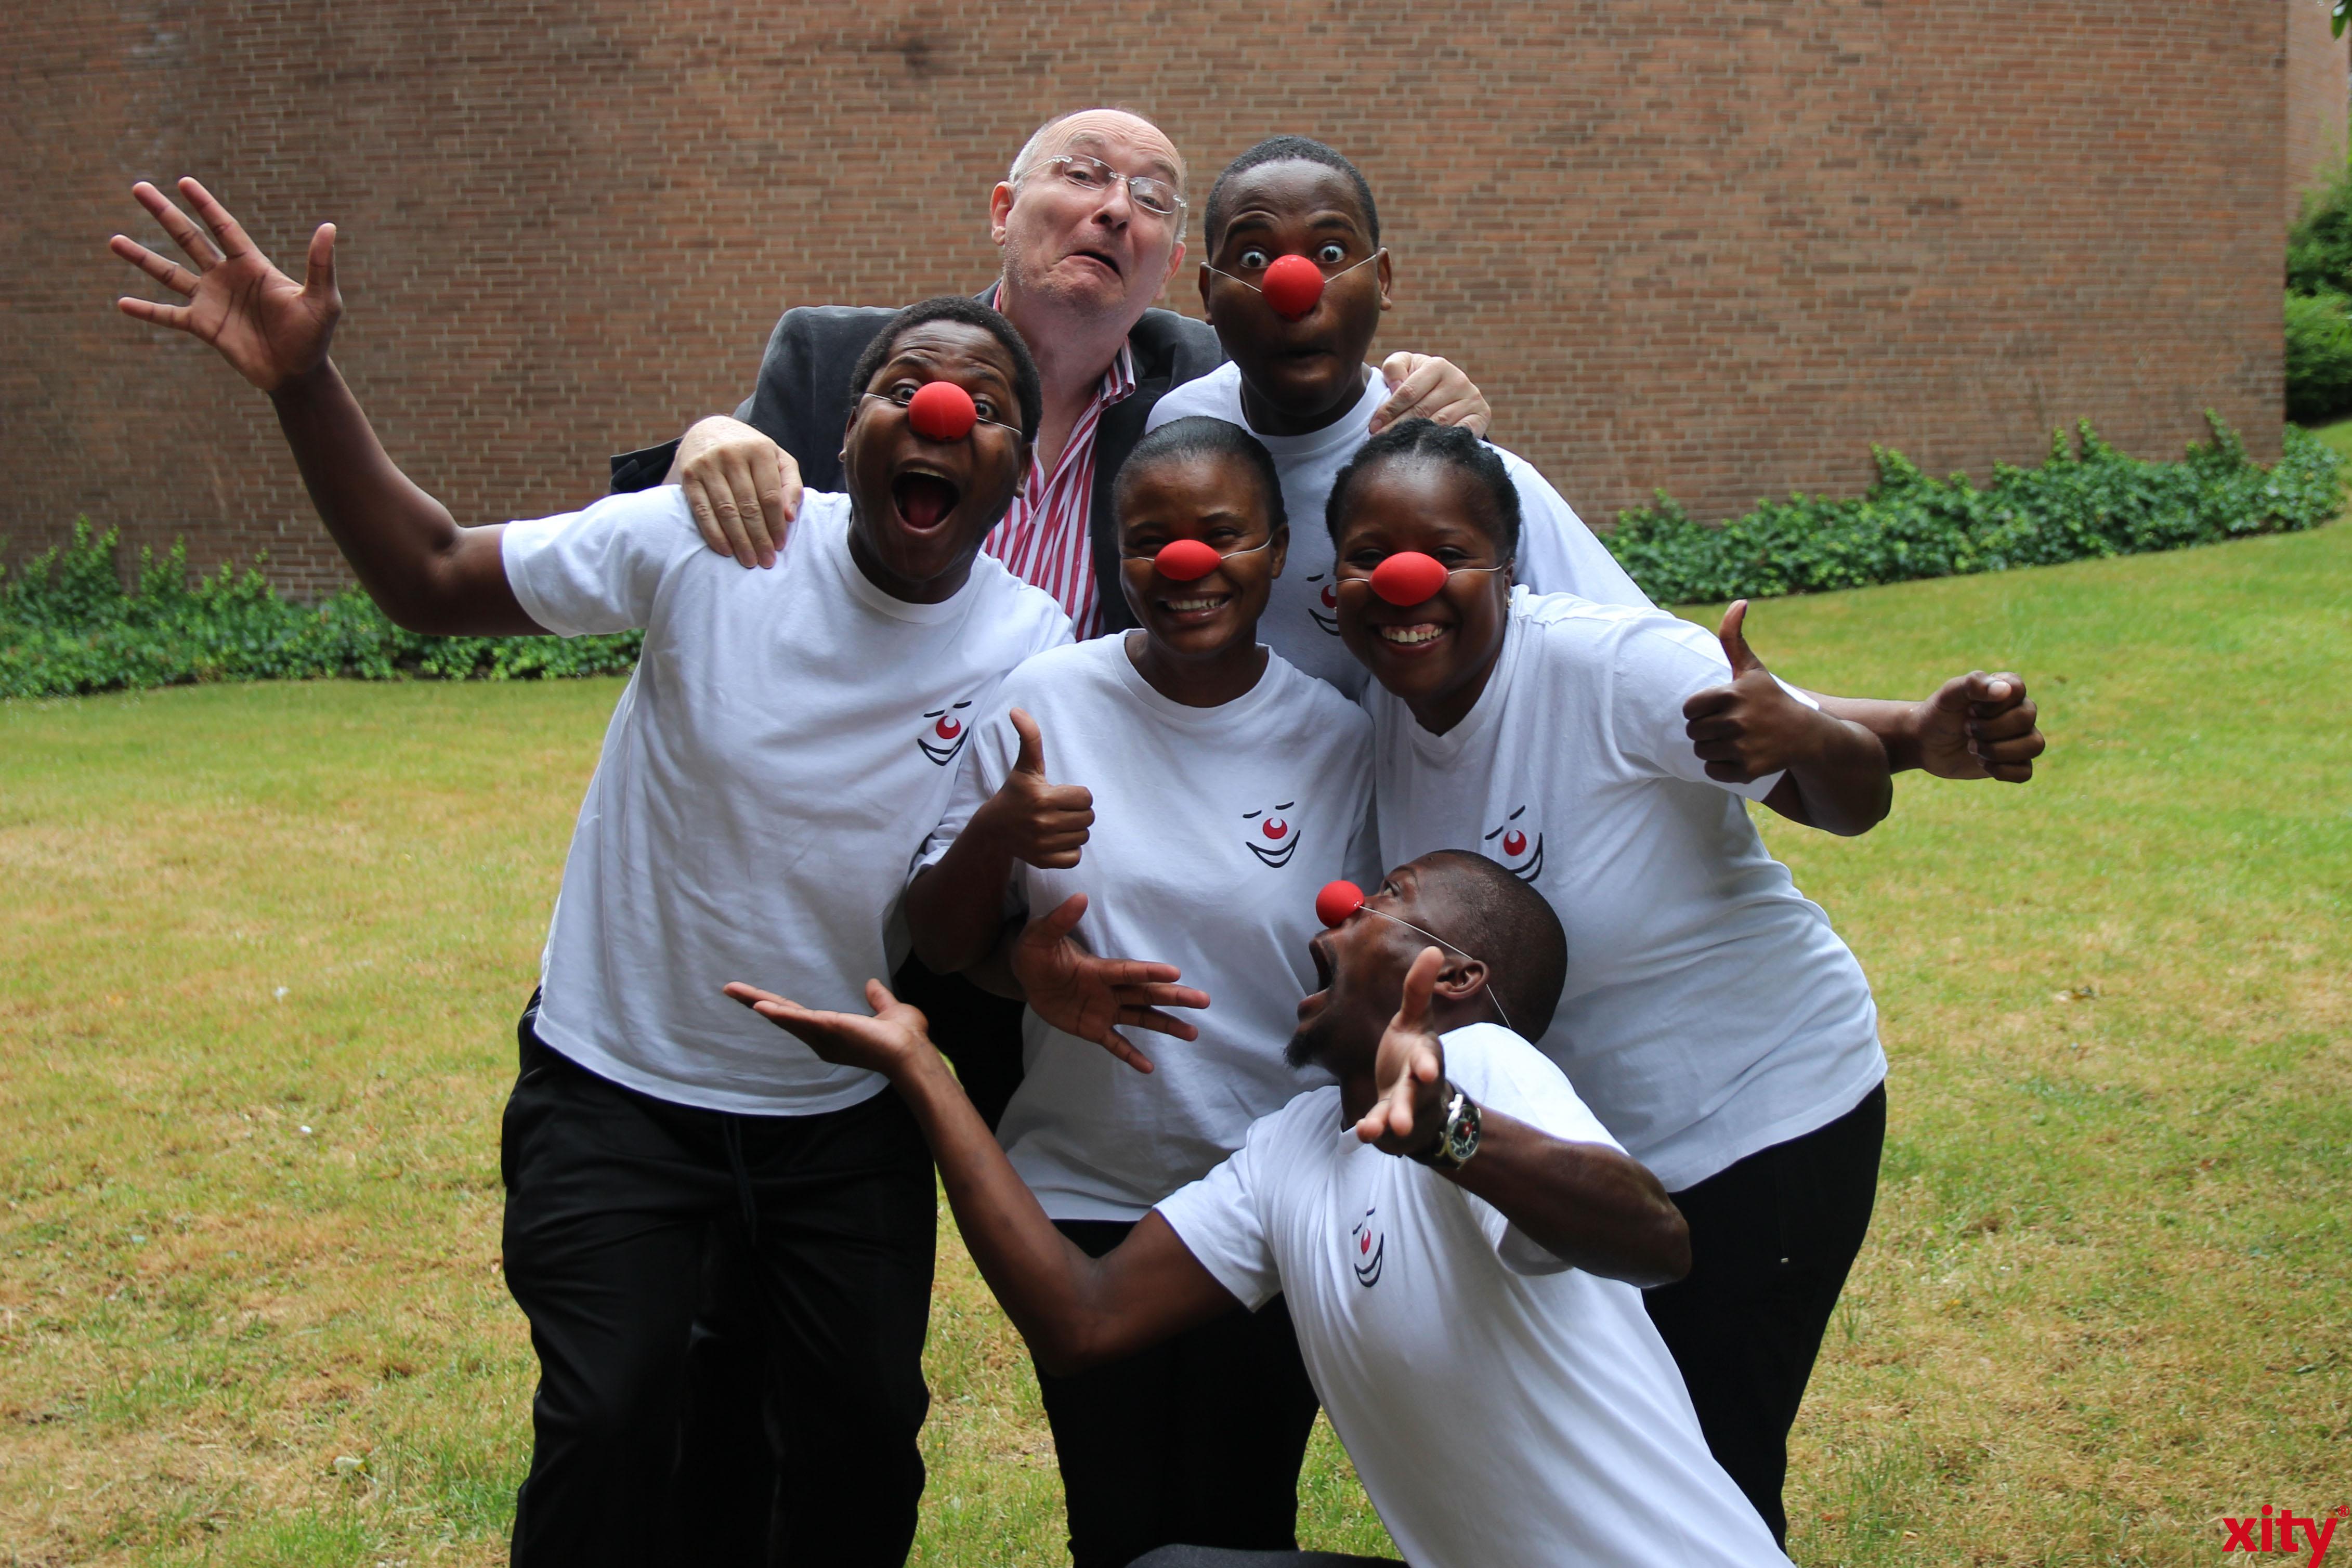 Pantomimen Nemo alias Wolfgang Neuhausen mit der Gruppe Mpumalanga (Foto: xity)